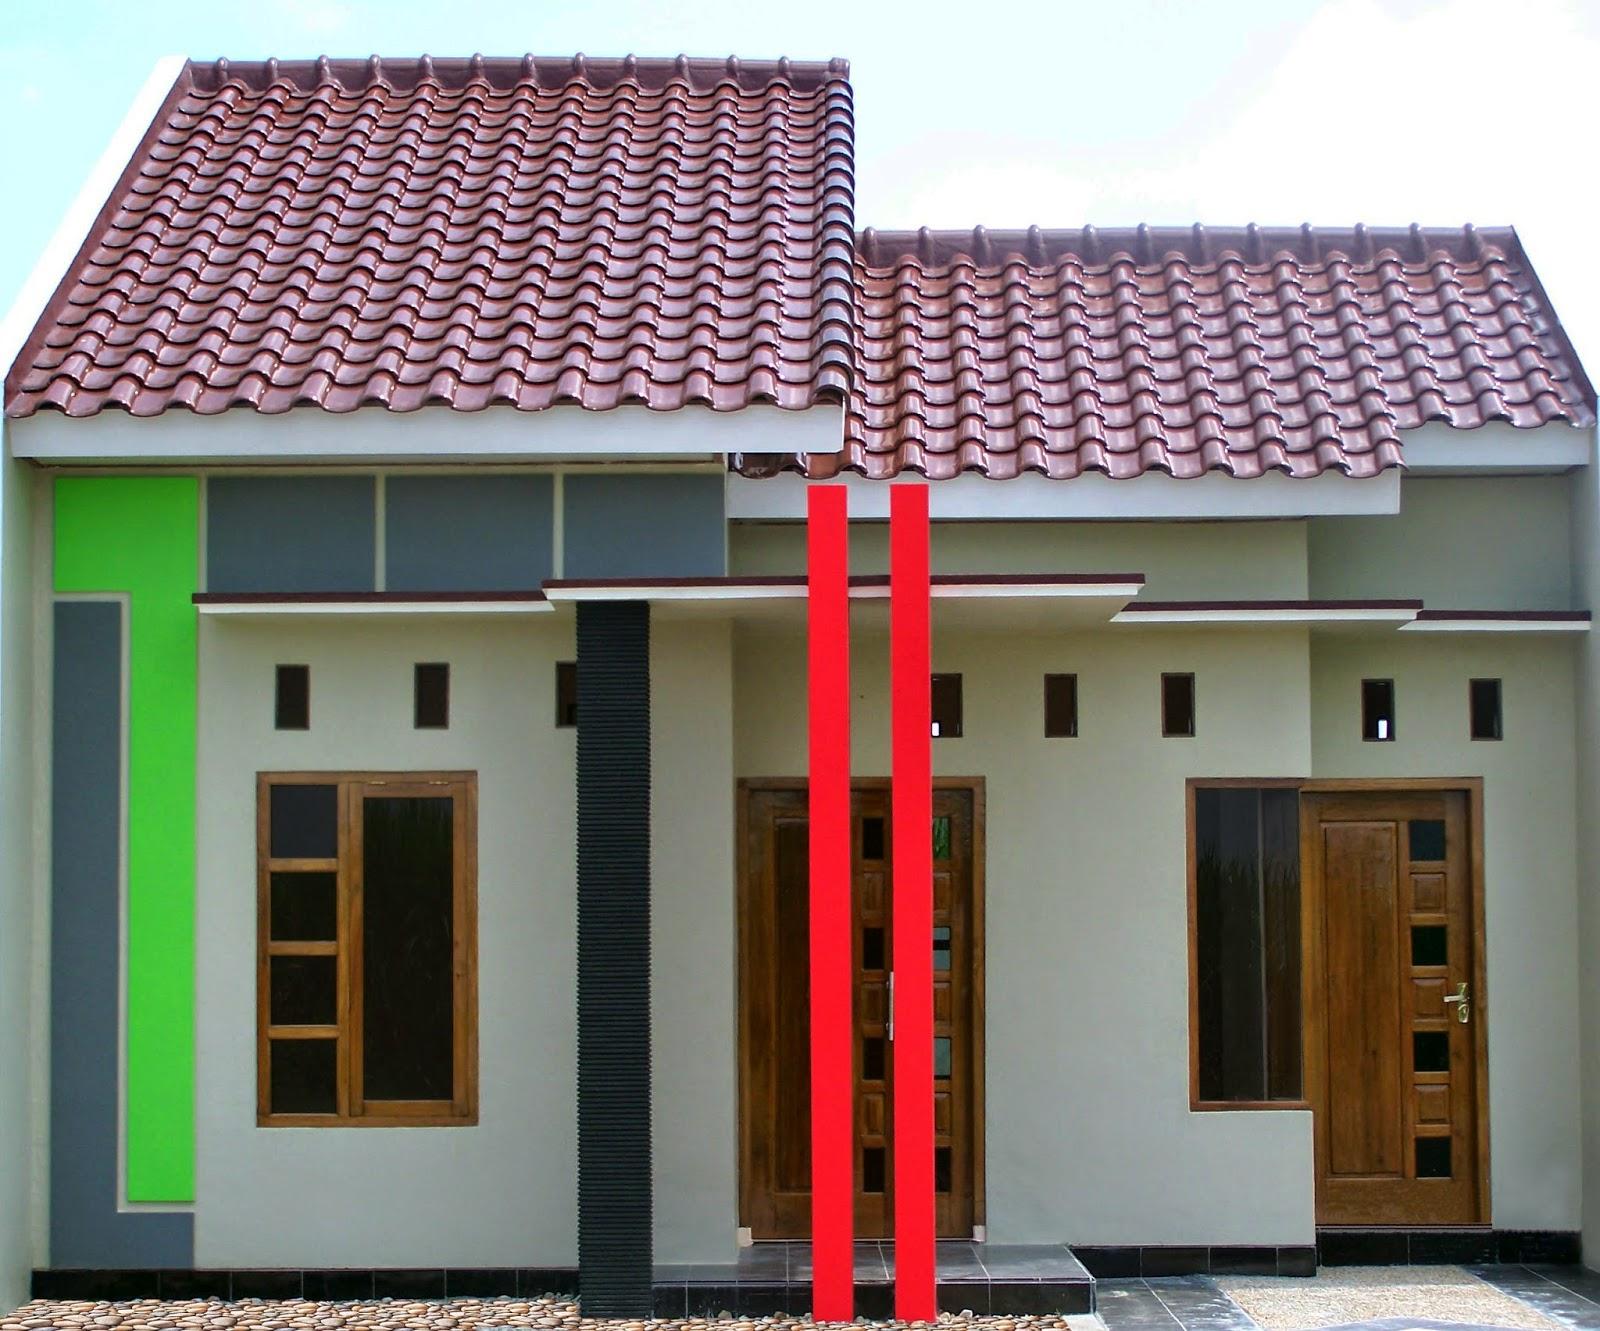 Apapun bentuk rumah dari sederhana, elit sampai yang berdaya eropa, ia tetap menjadi 1 kebutuhan primer yang harus bisa kita penuhi.